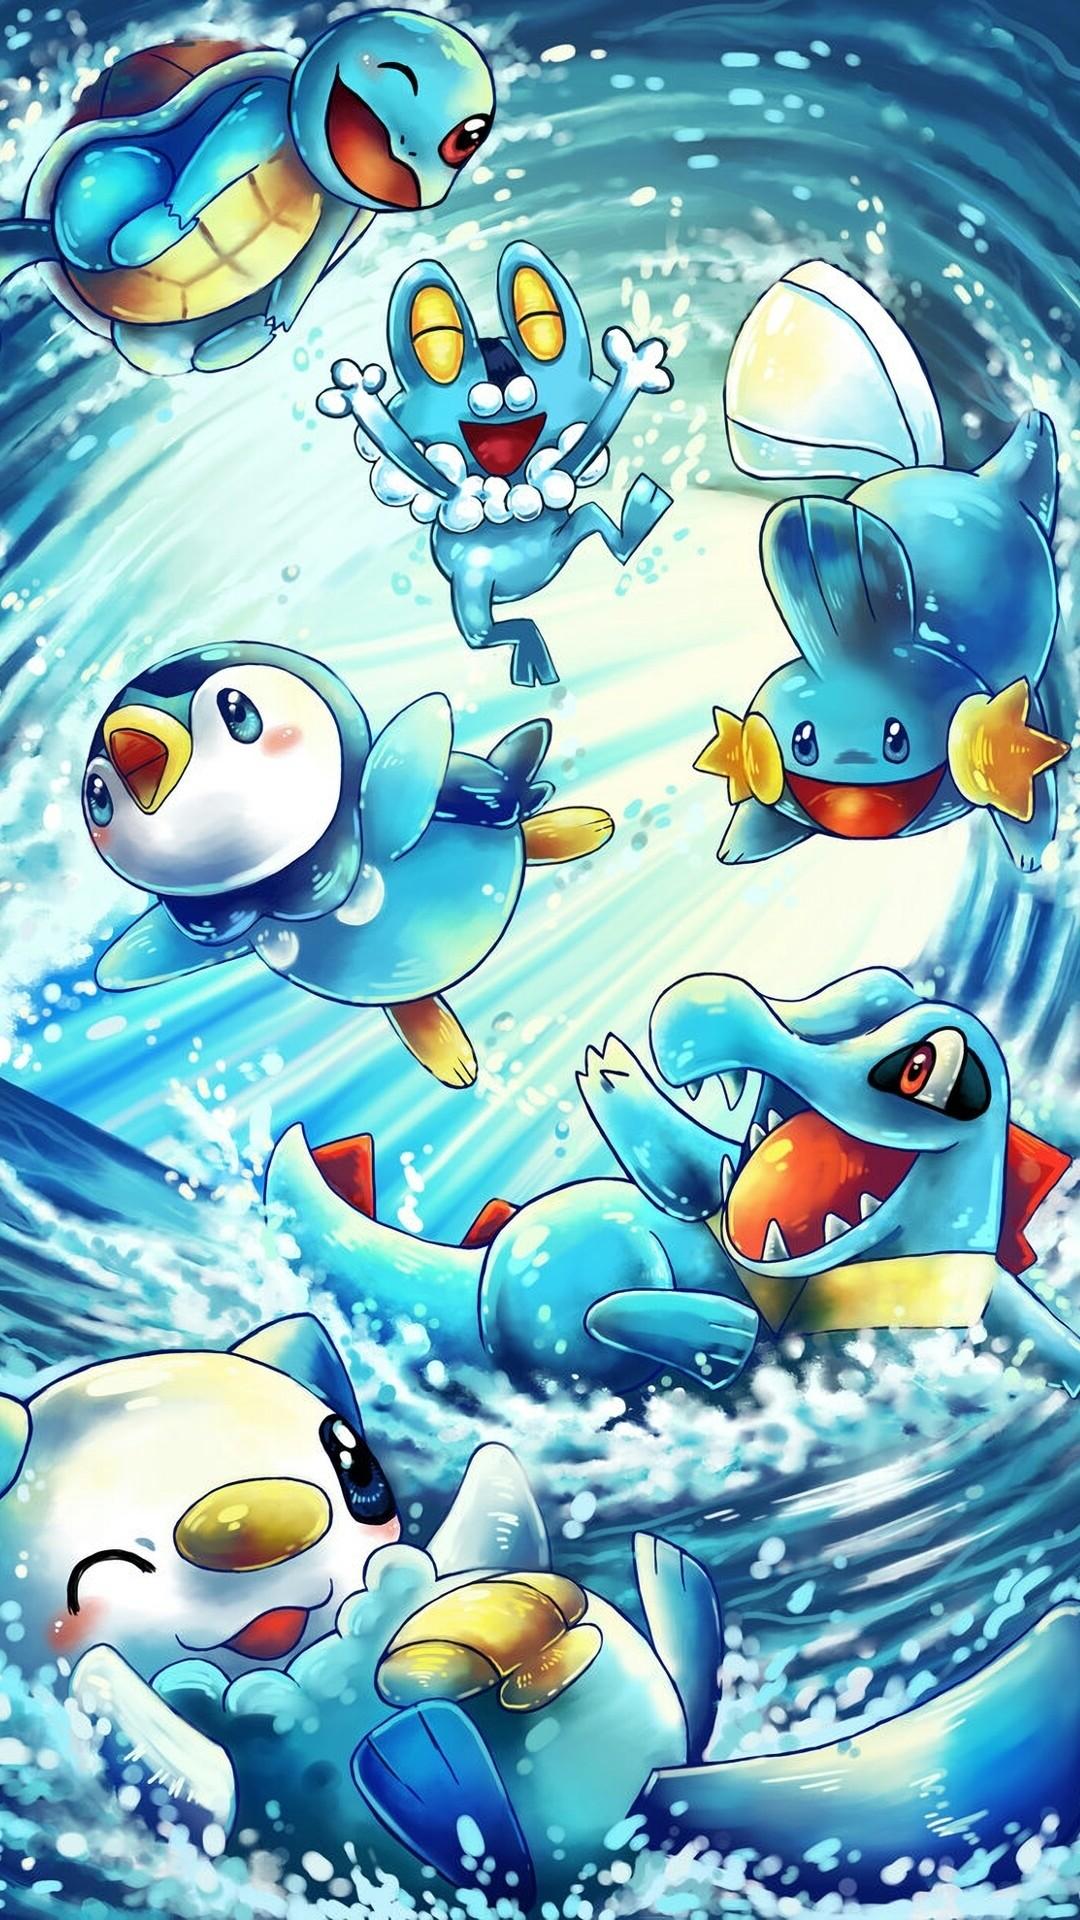 … Starter Pokemon characters Game mobile wallpaper